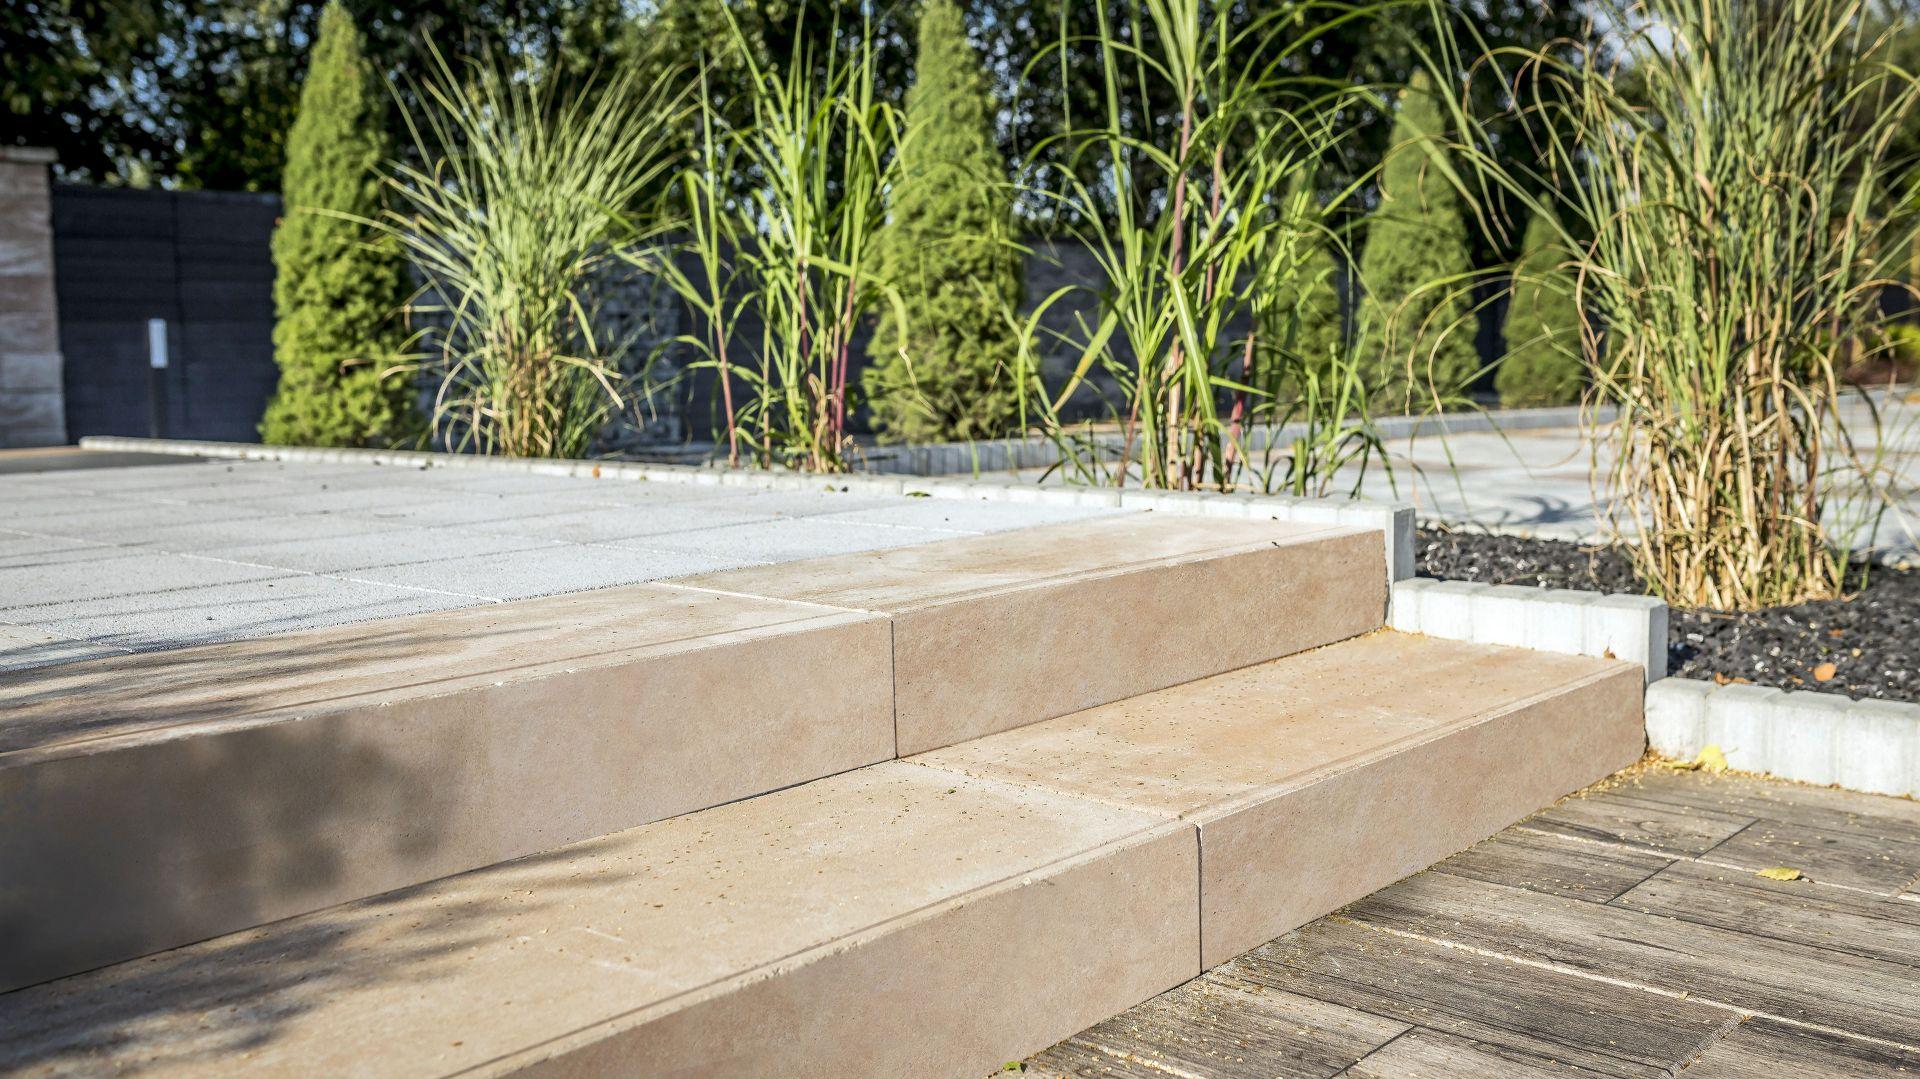 Polbruk Grando jest dostępny w kolorze grafitowym, paloma i piaskowym. Można z niego wznieść również obudowę dla ogrodowej fontanny lub oczka wodnego. Fot. Polbruk